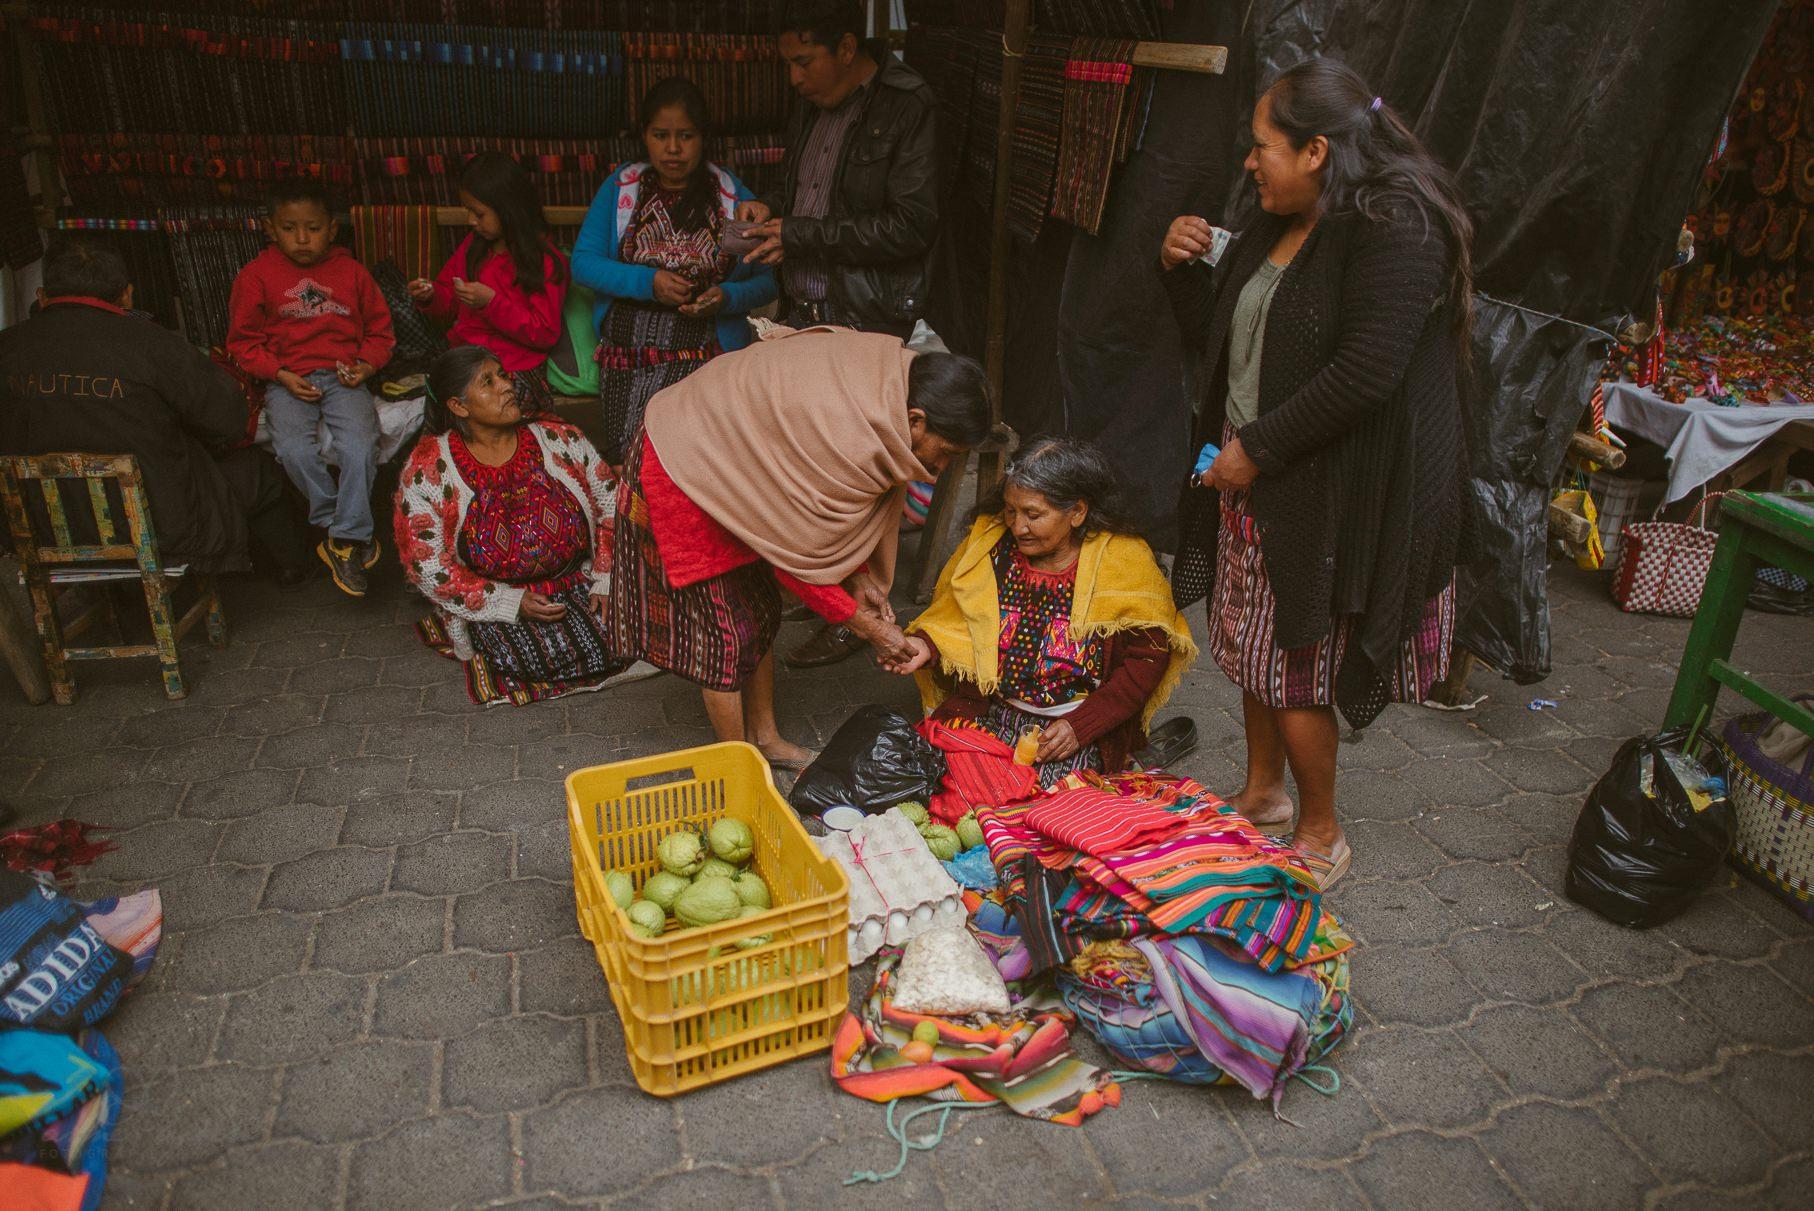 0142 anne und bjoern guatemala d75 2643 - 4 Wochen durch Guatemala - backpacking durch Mittelamerika